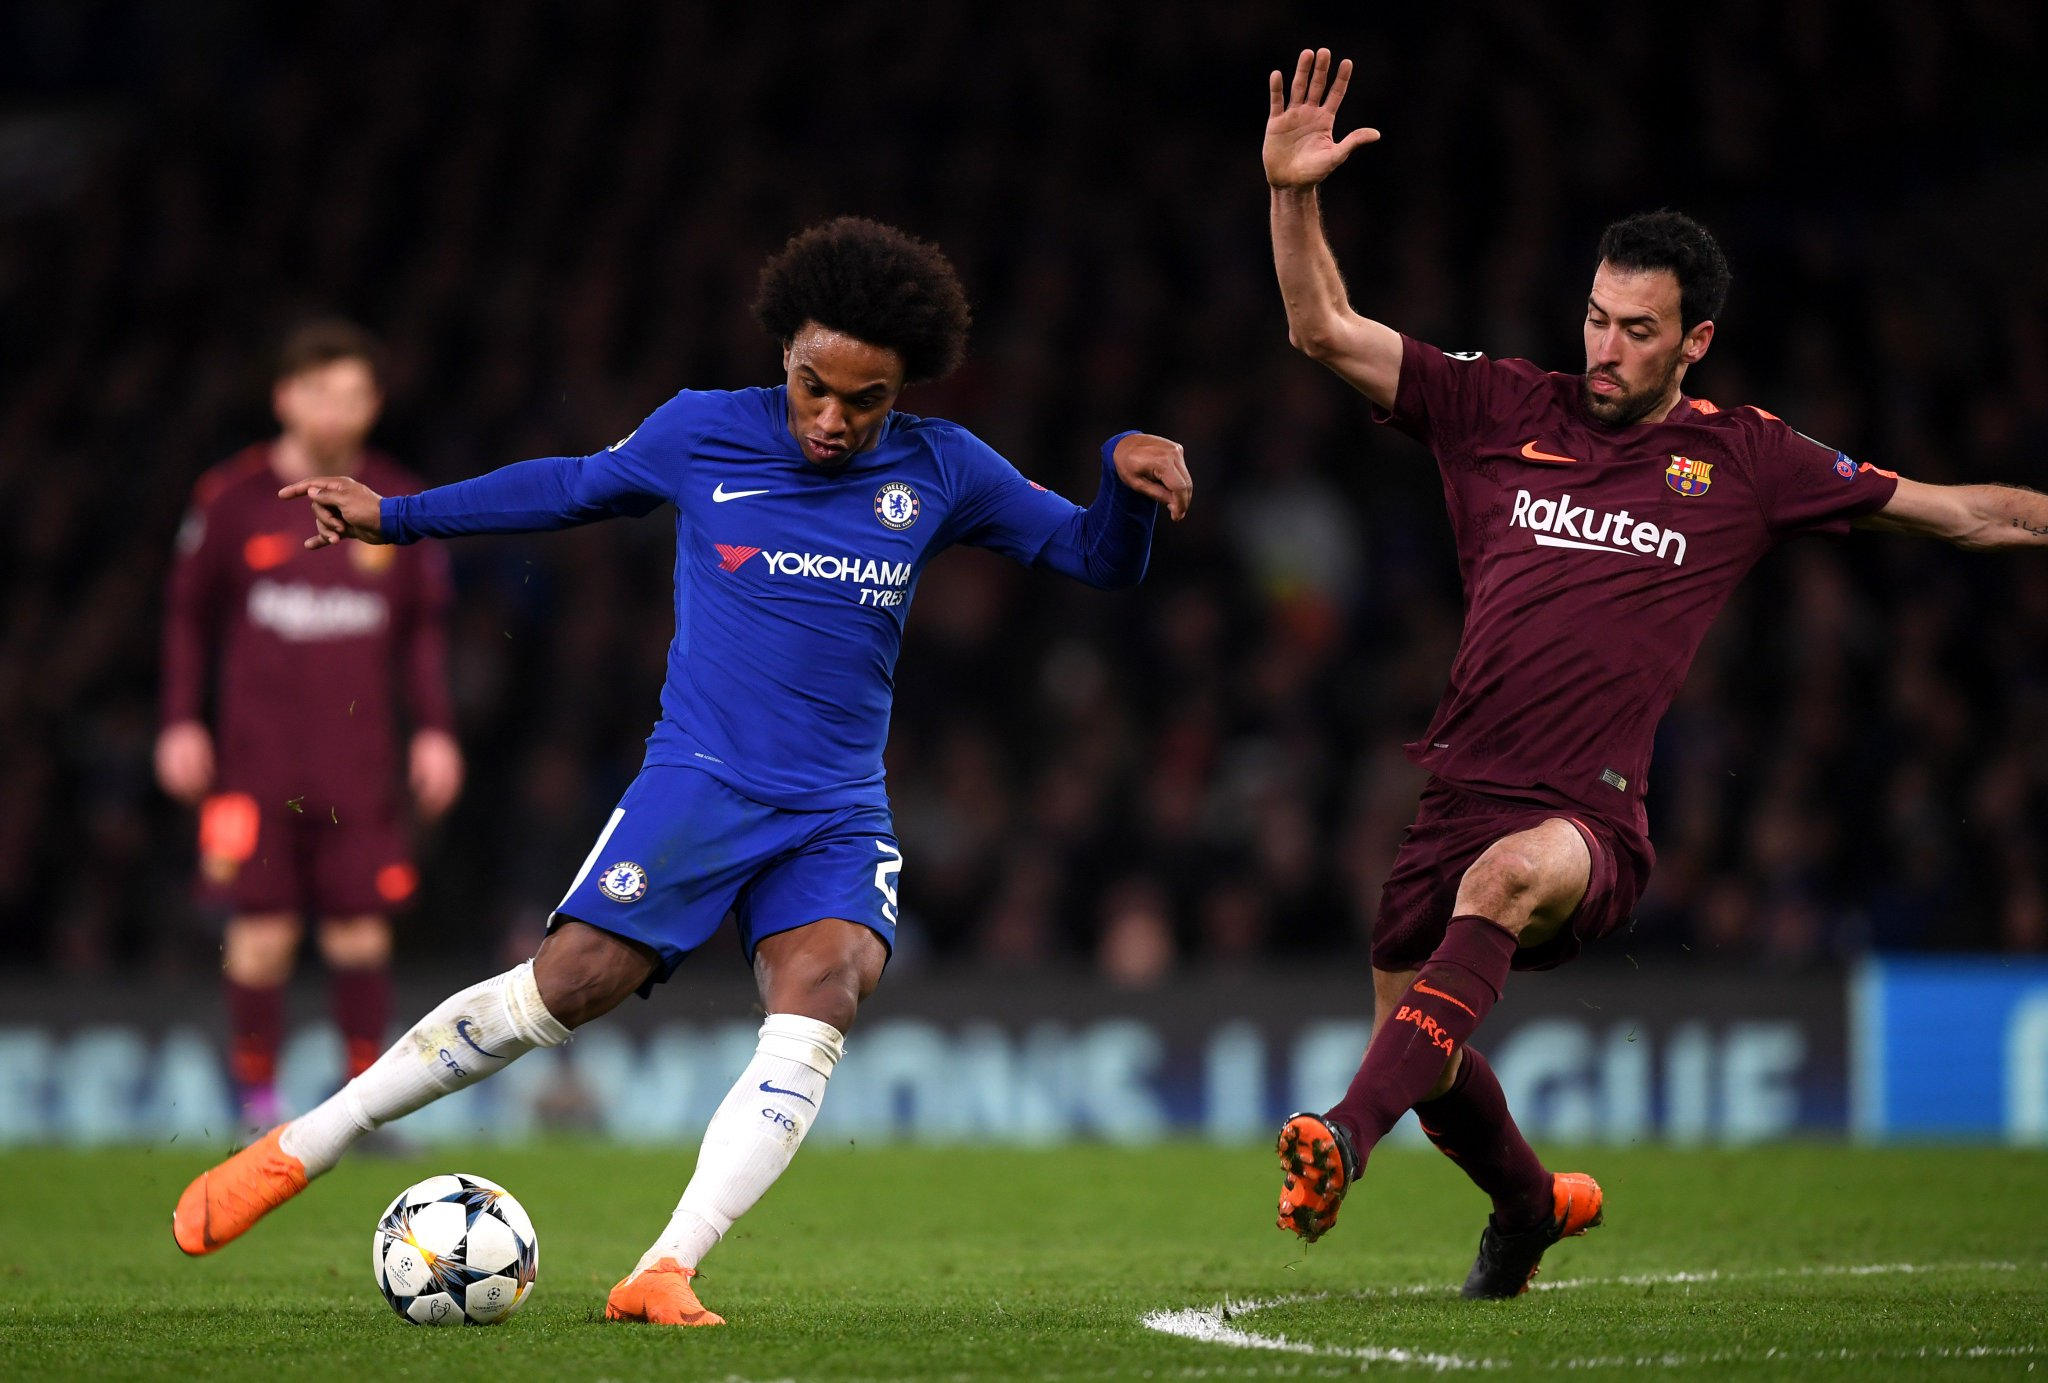 شاهد | ويليان يسجل هدف رائع لتشيلسي في شباك برشلونة